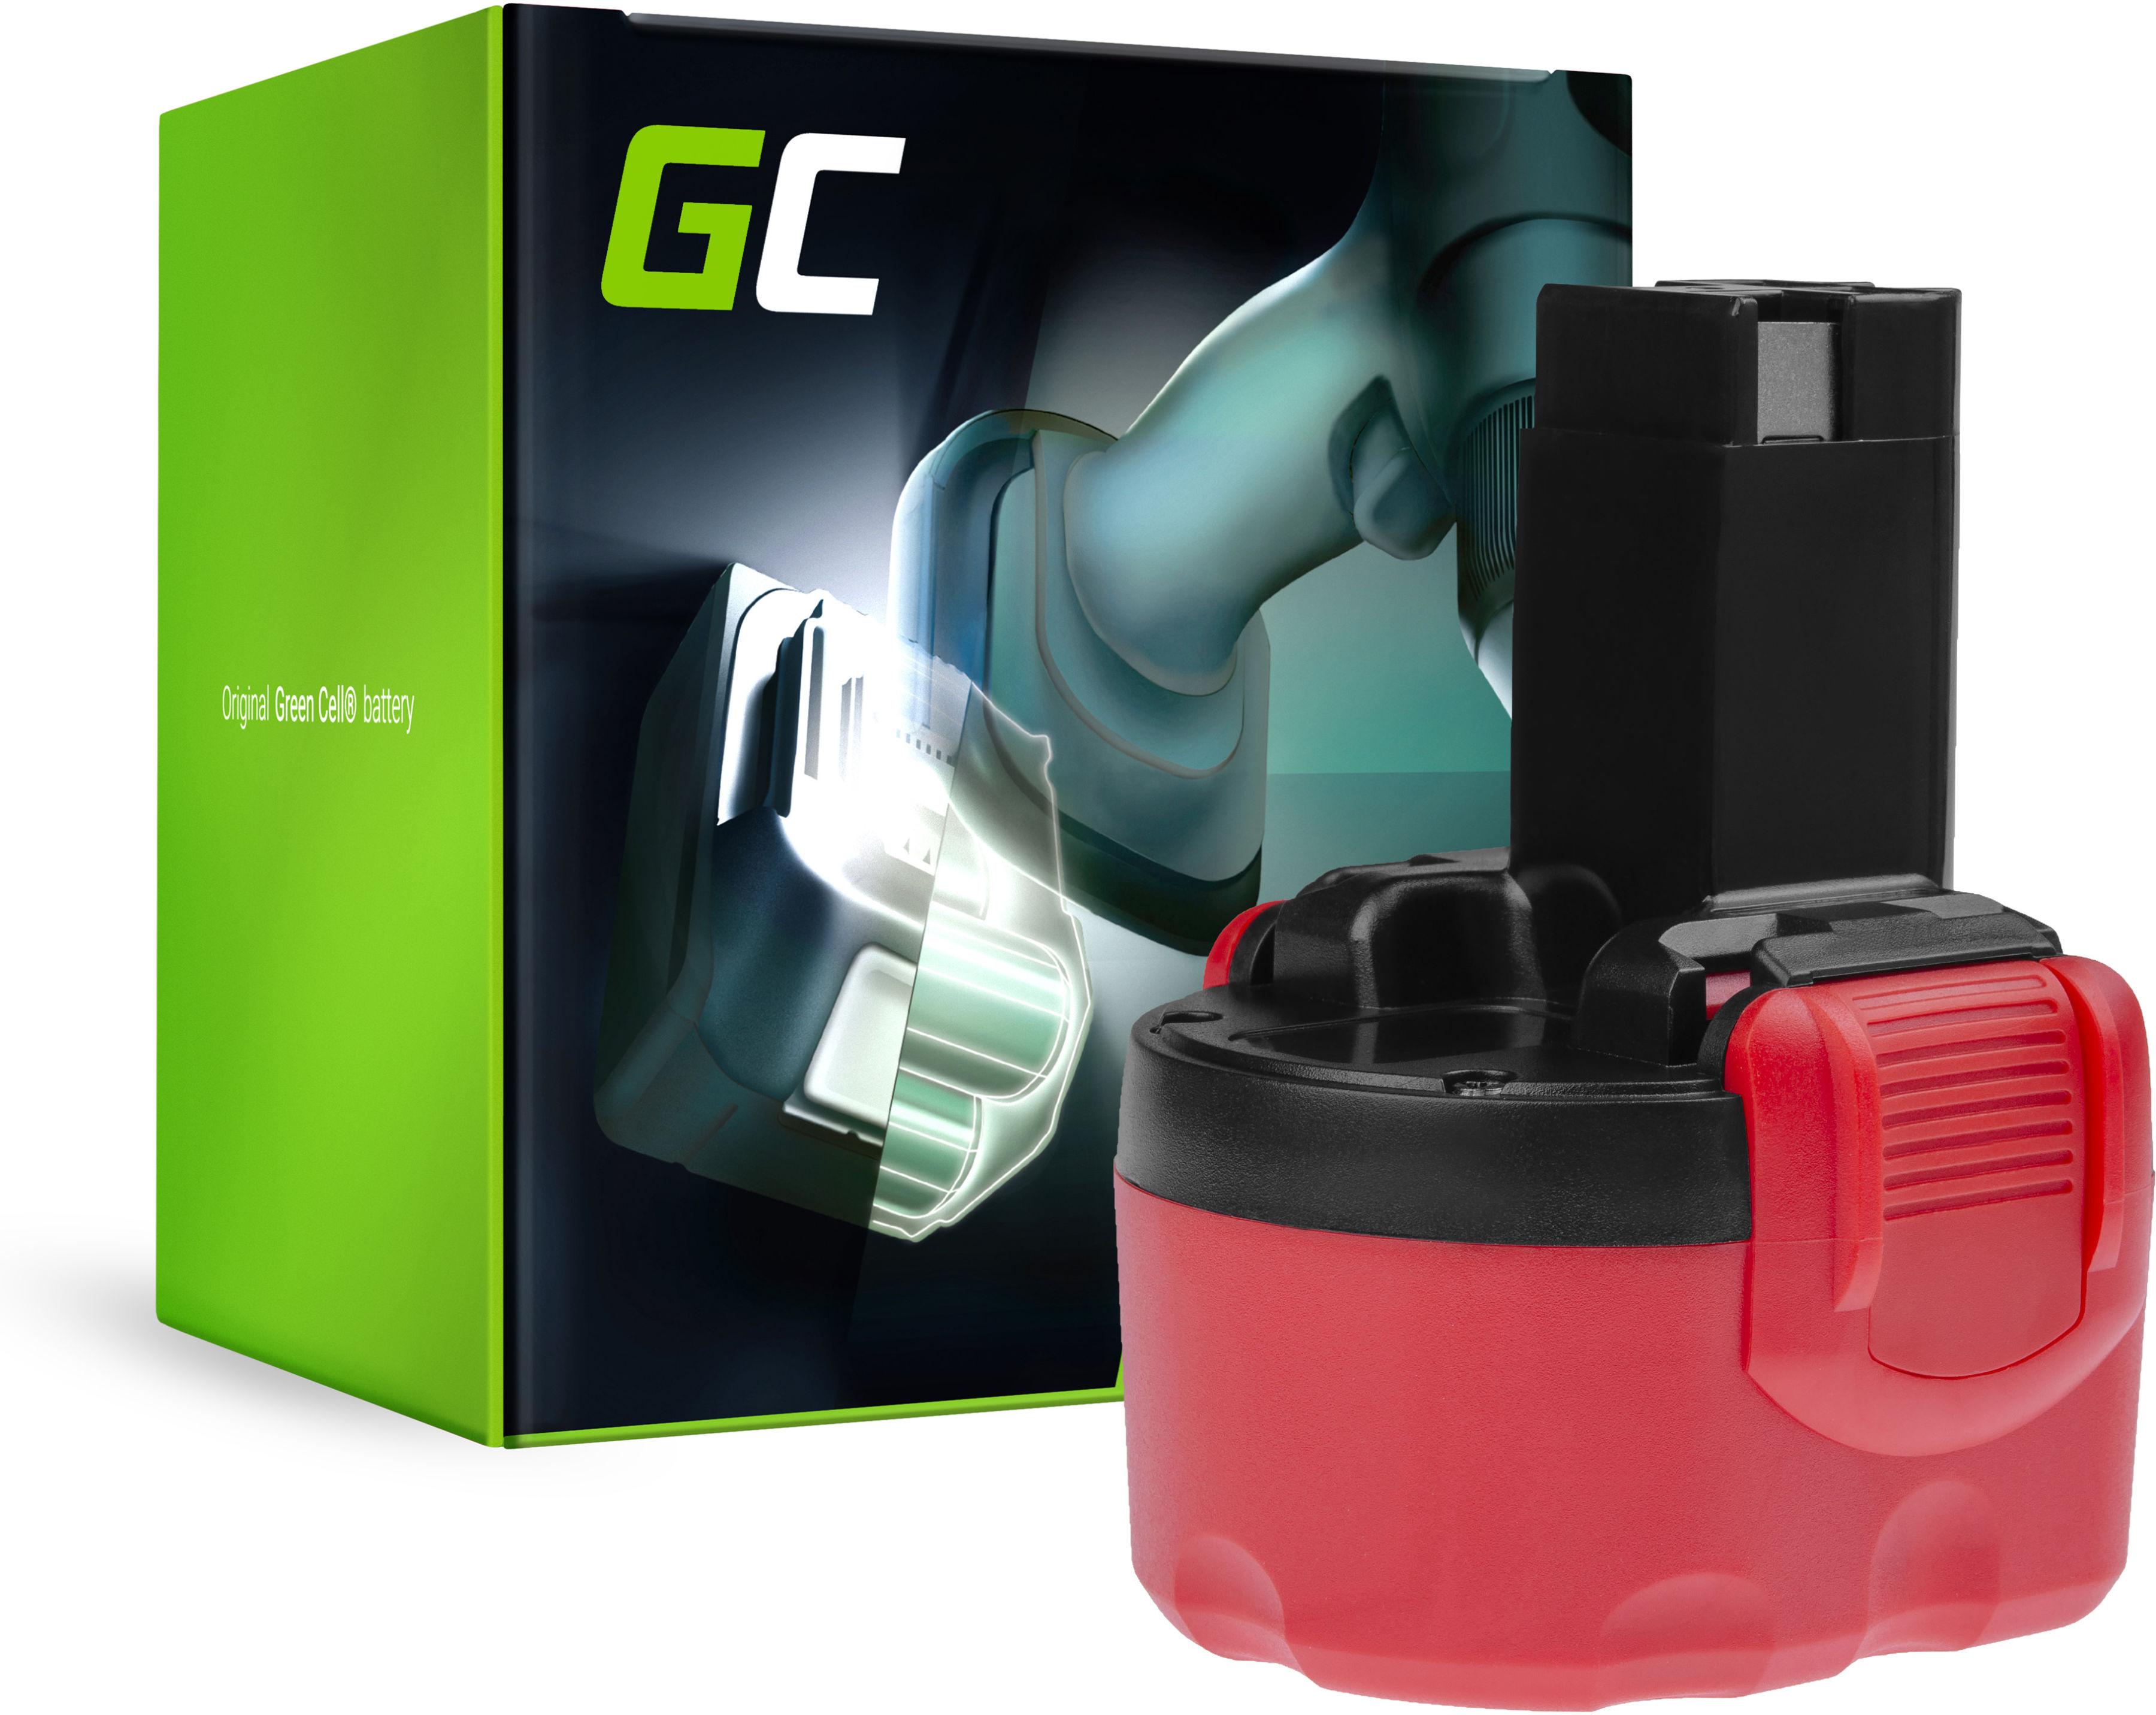 Bateria Green Cell (2Ah 9.6V) 2 607 335 453 2607335461 2 607 335 651 BAT049 do Bosch EXACT GDR GLI GSR PLI PSR 960 9.6V VE-2